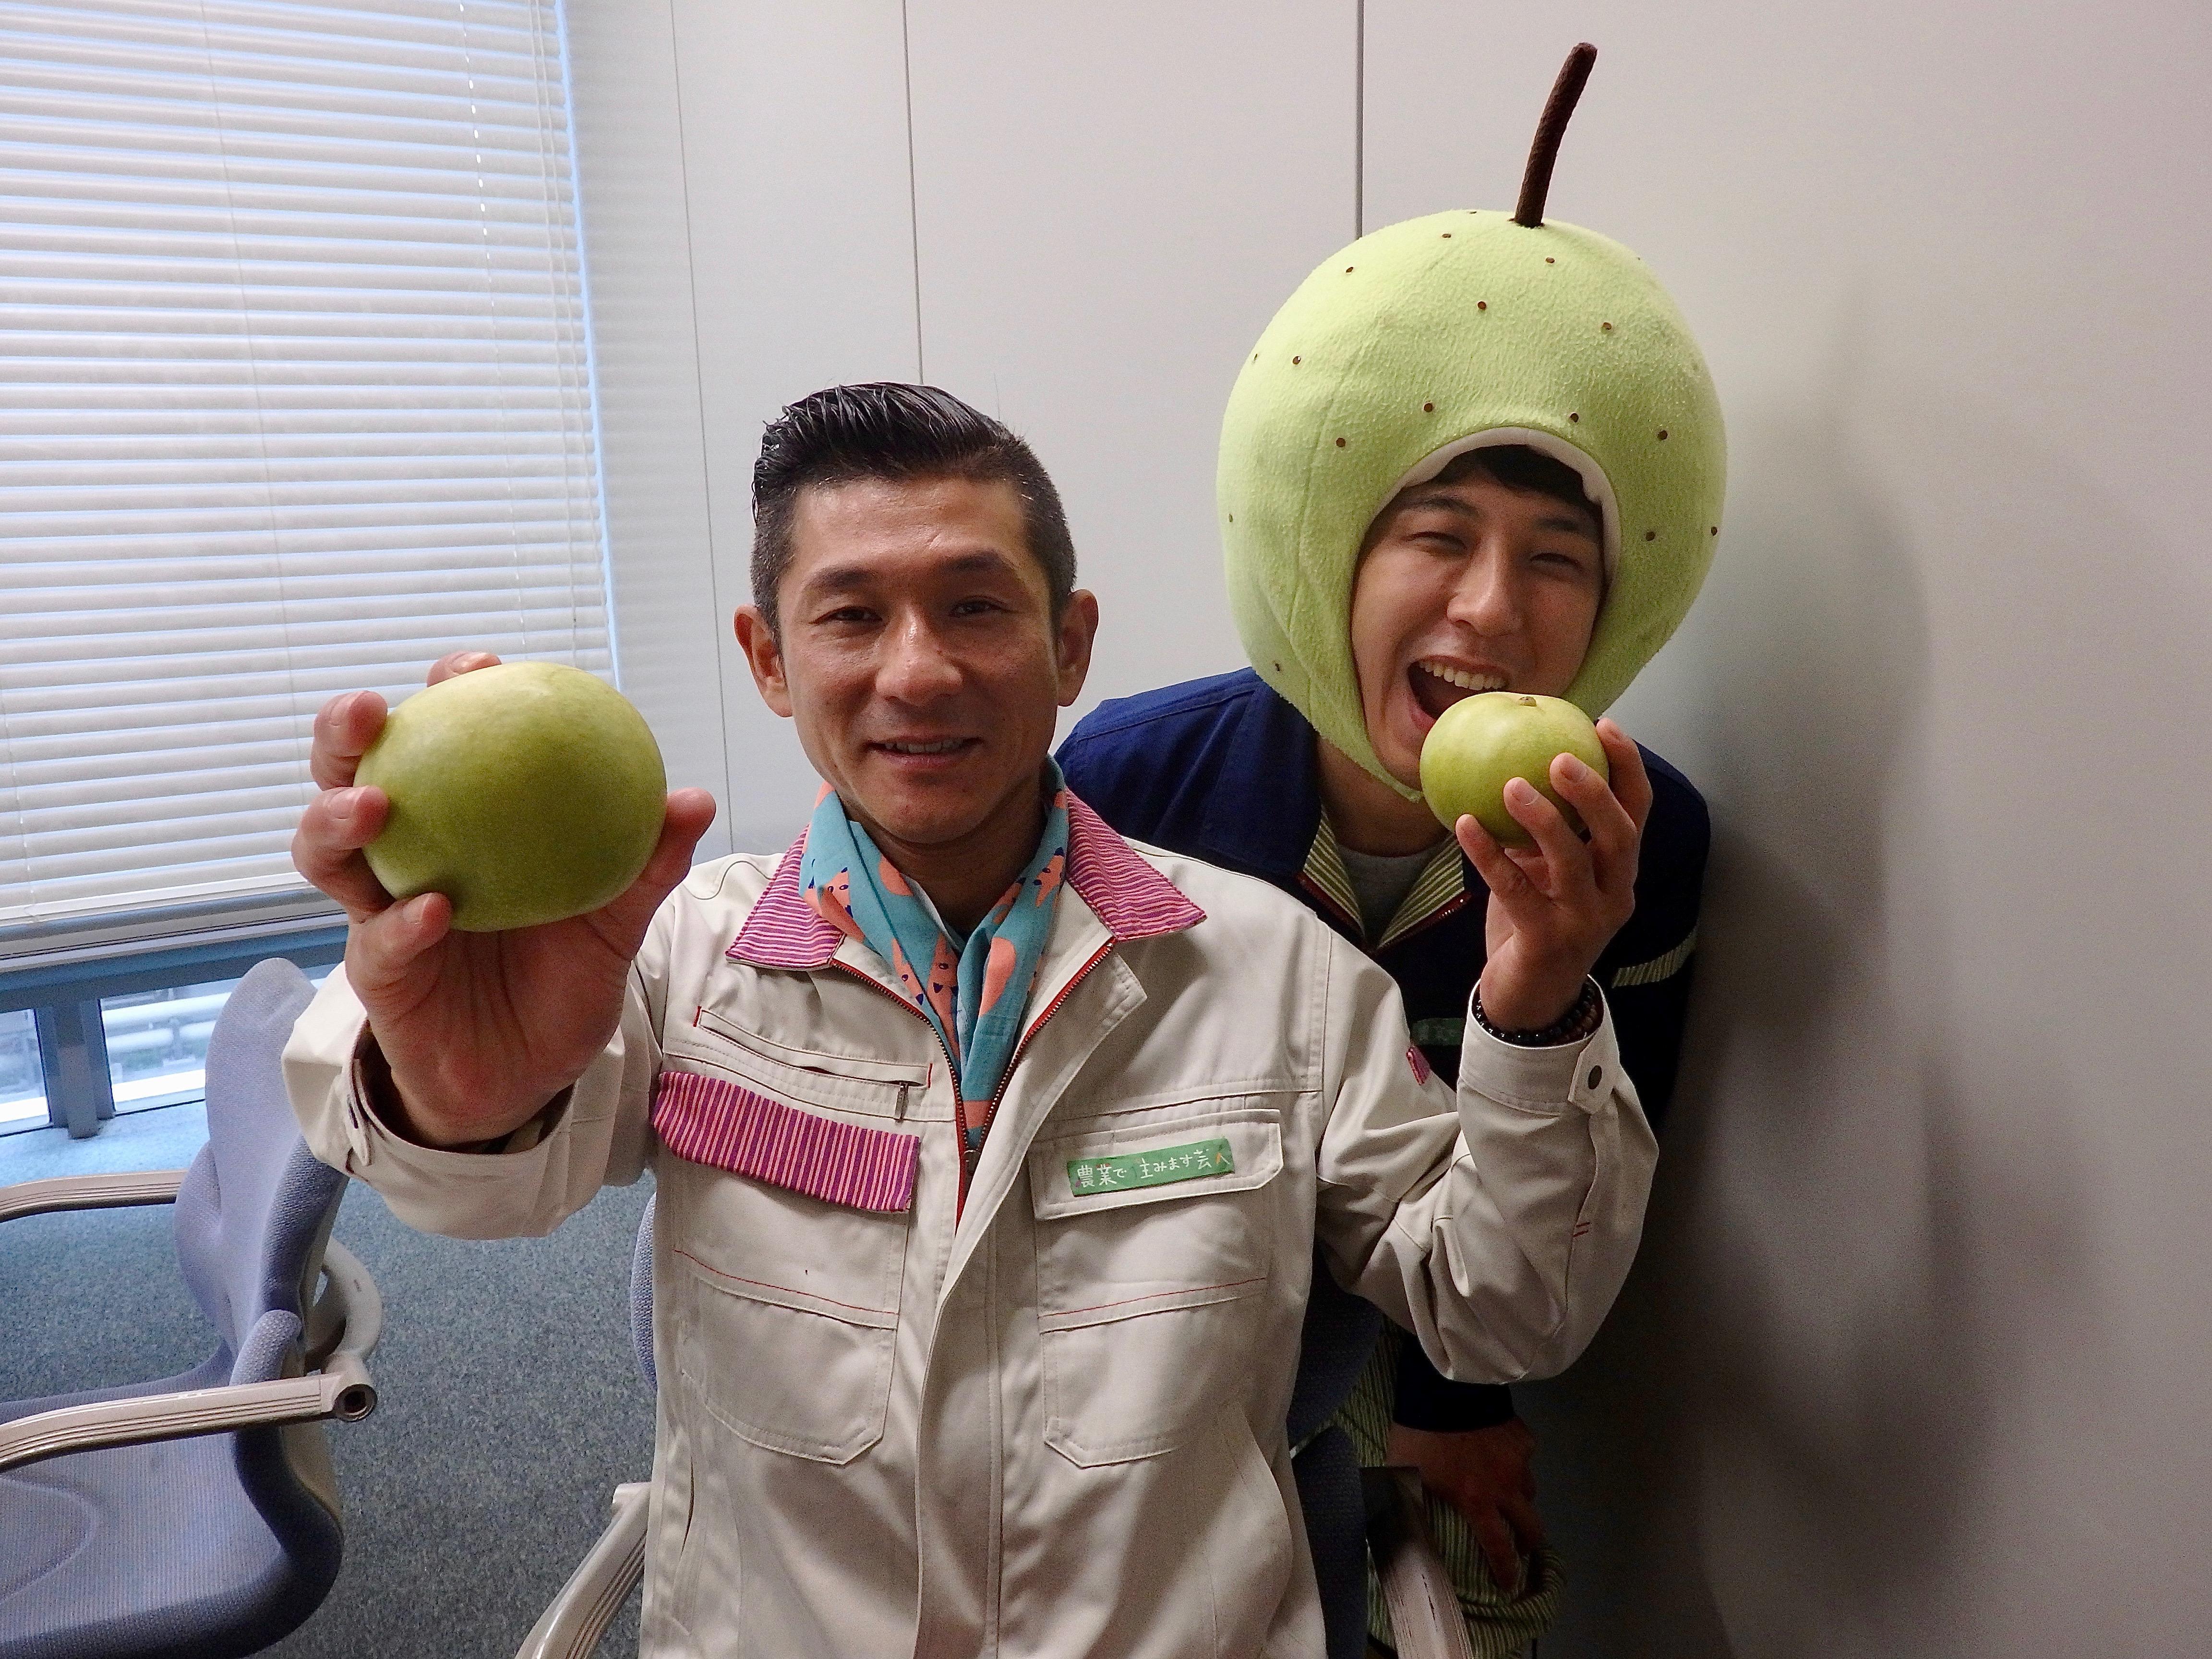 http://news.yoshimoto.co.jp/20170907231531-4c900ec2efd53d9714a05835d9b011e9df9282b6.jpg